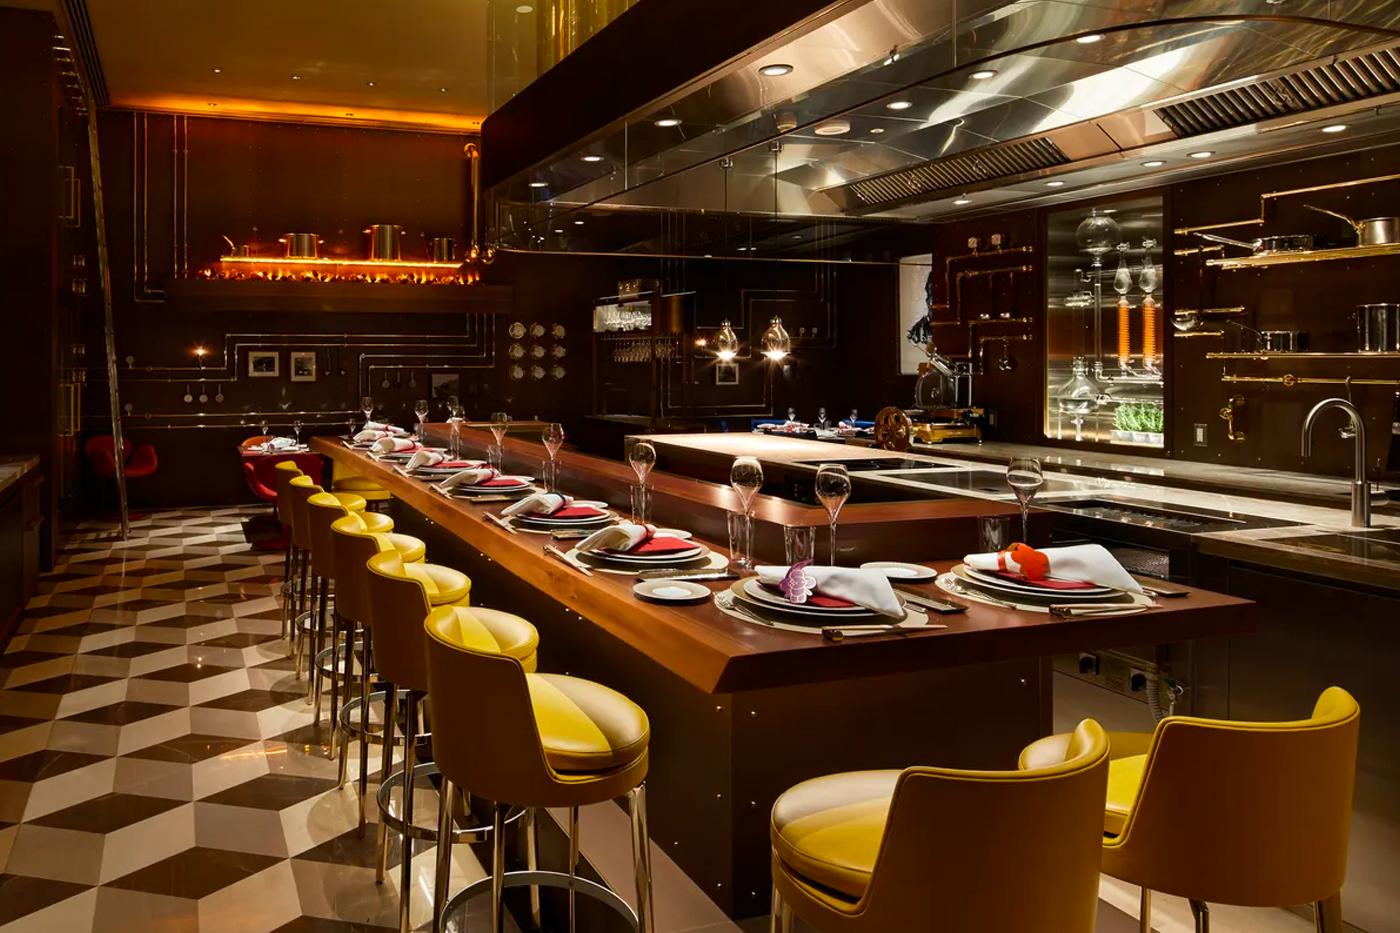 Restoran dan Cafe Louis Vuitton Resmi Dibuka, Seperti Apa Tampilannya?